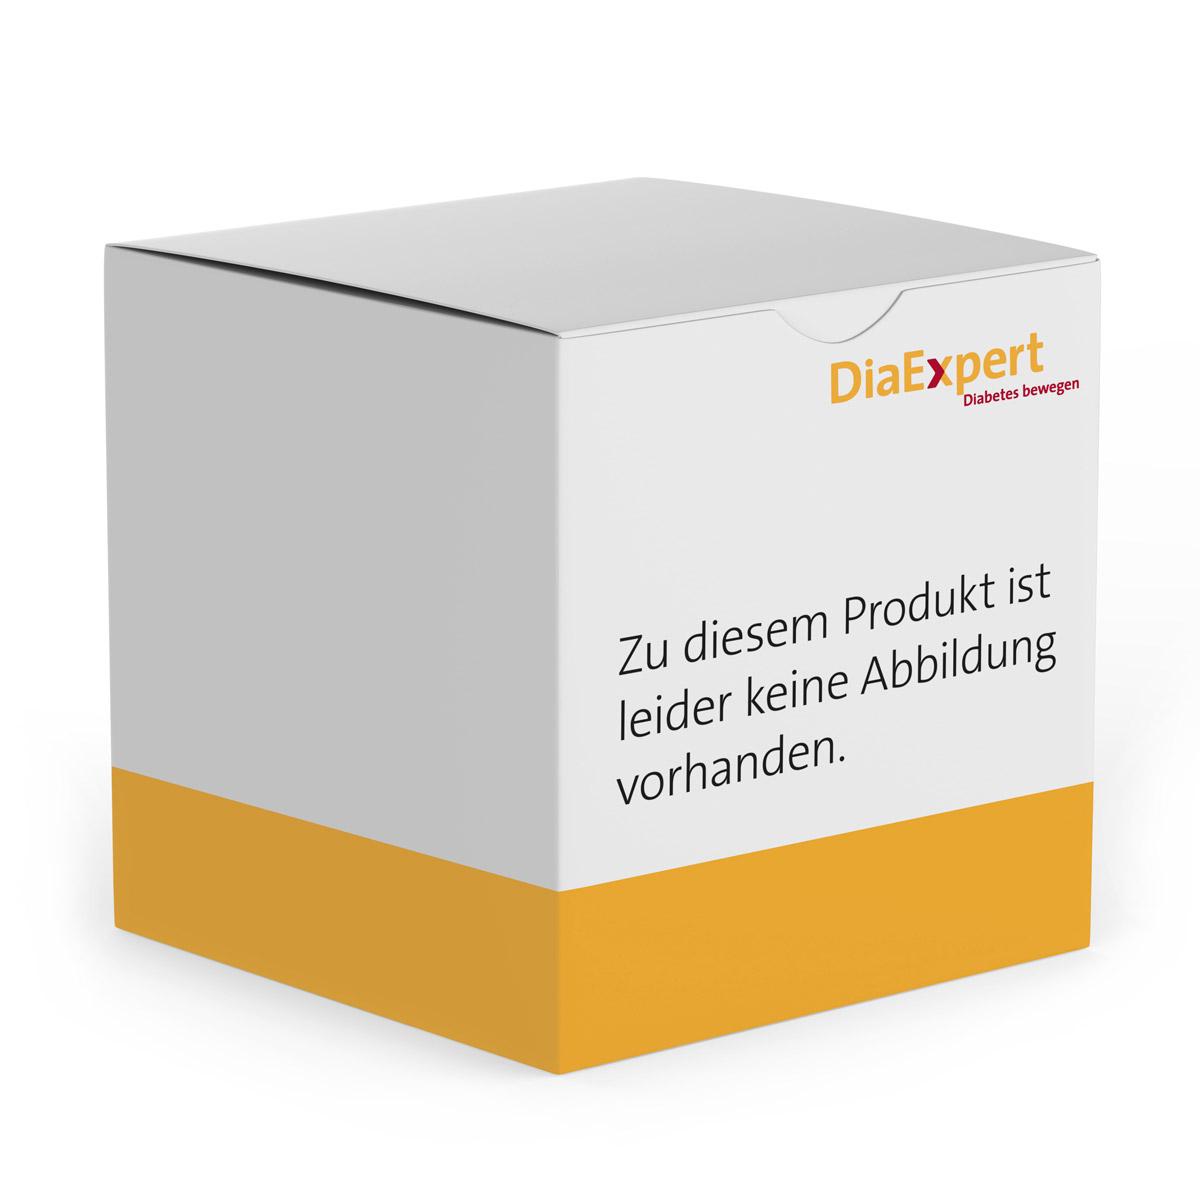 DiaExpert-Team